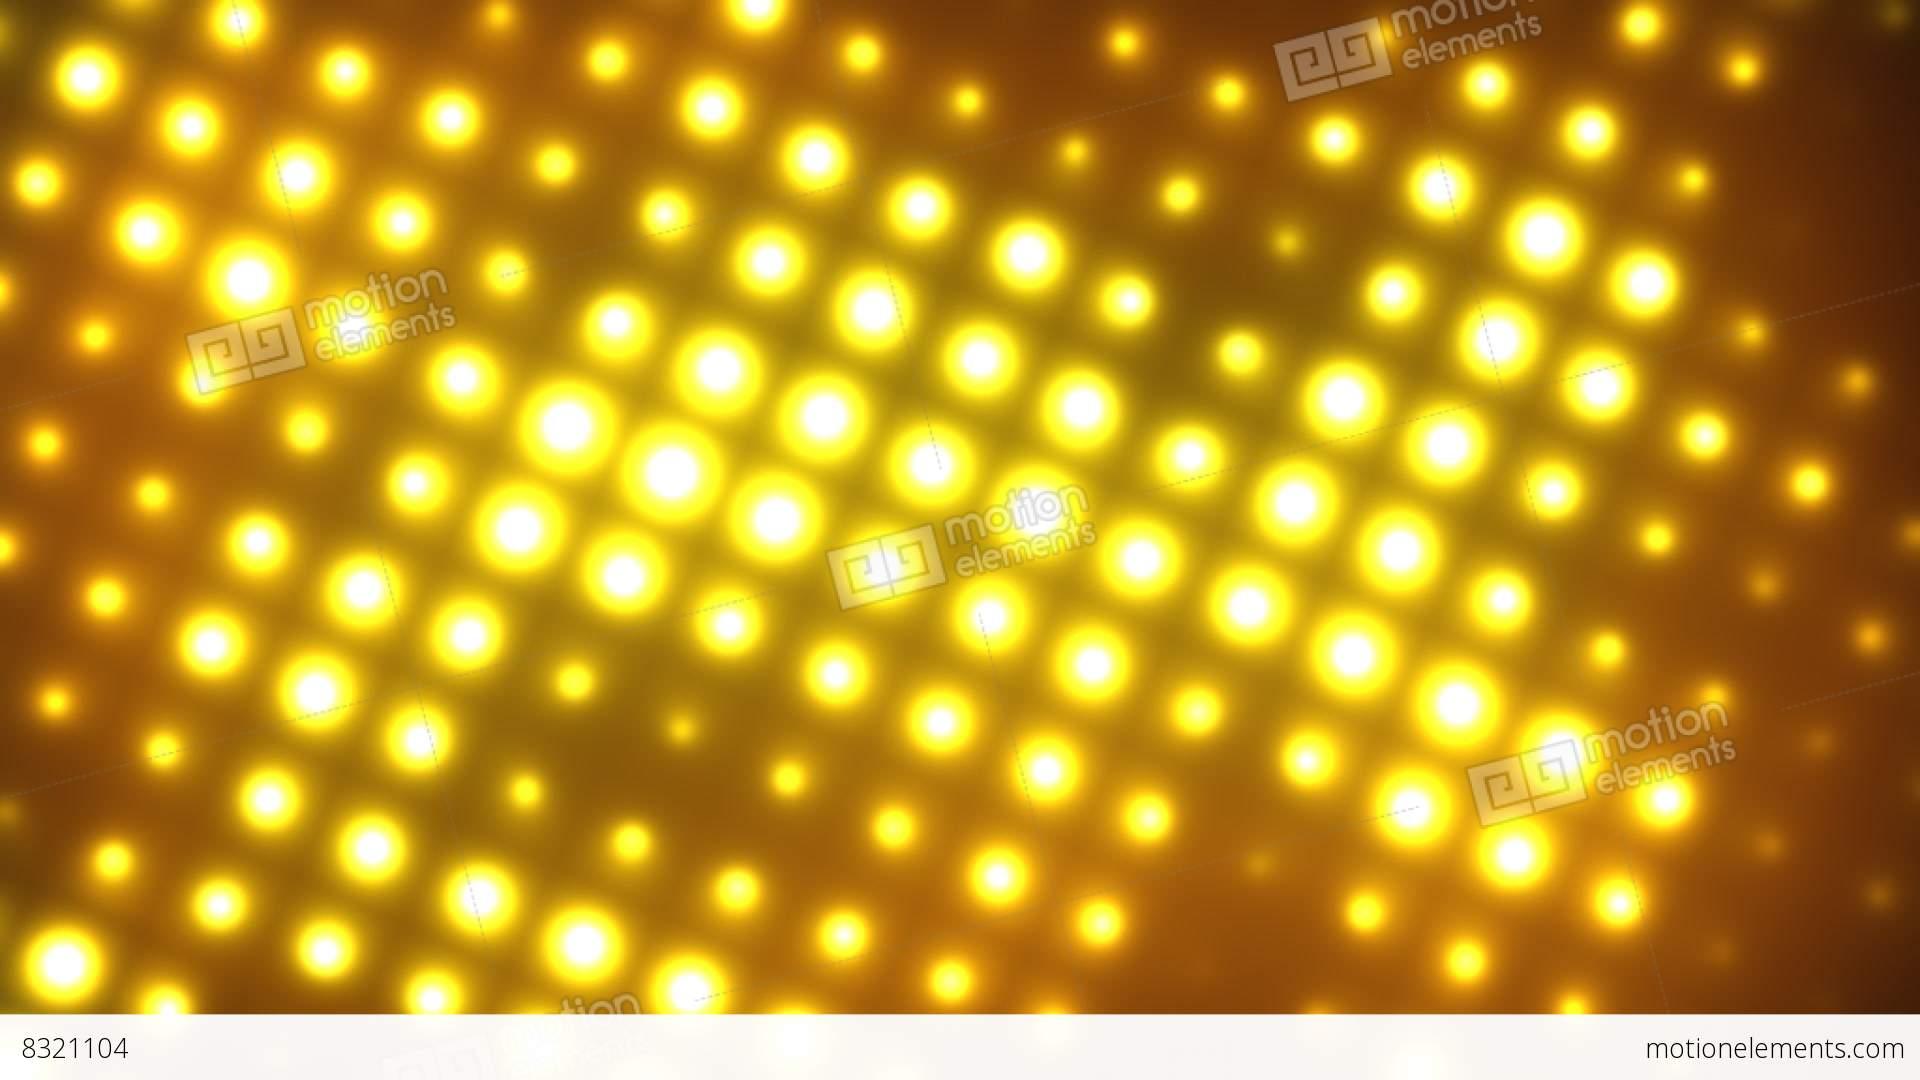 Dj Dance Party Circular Lights 1